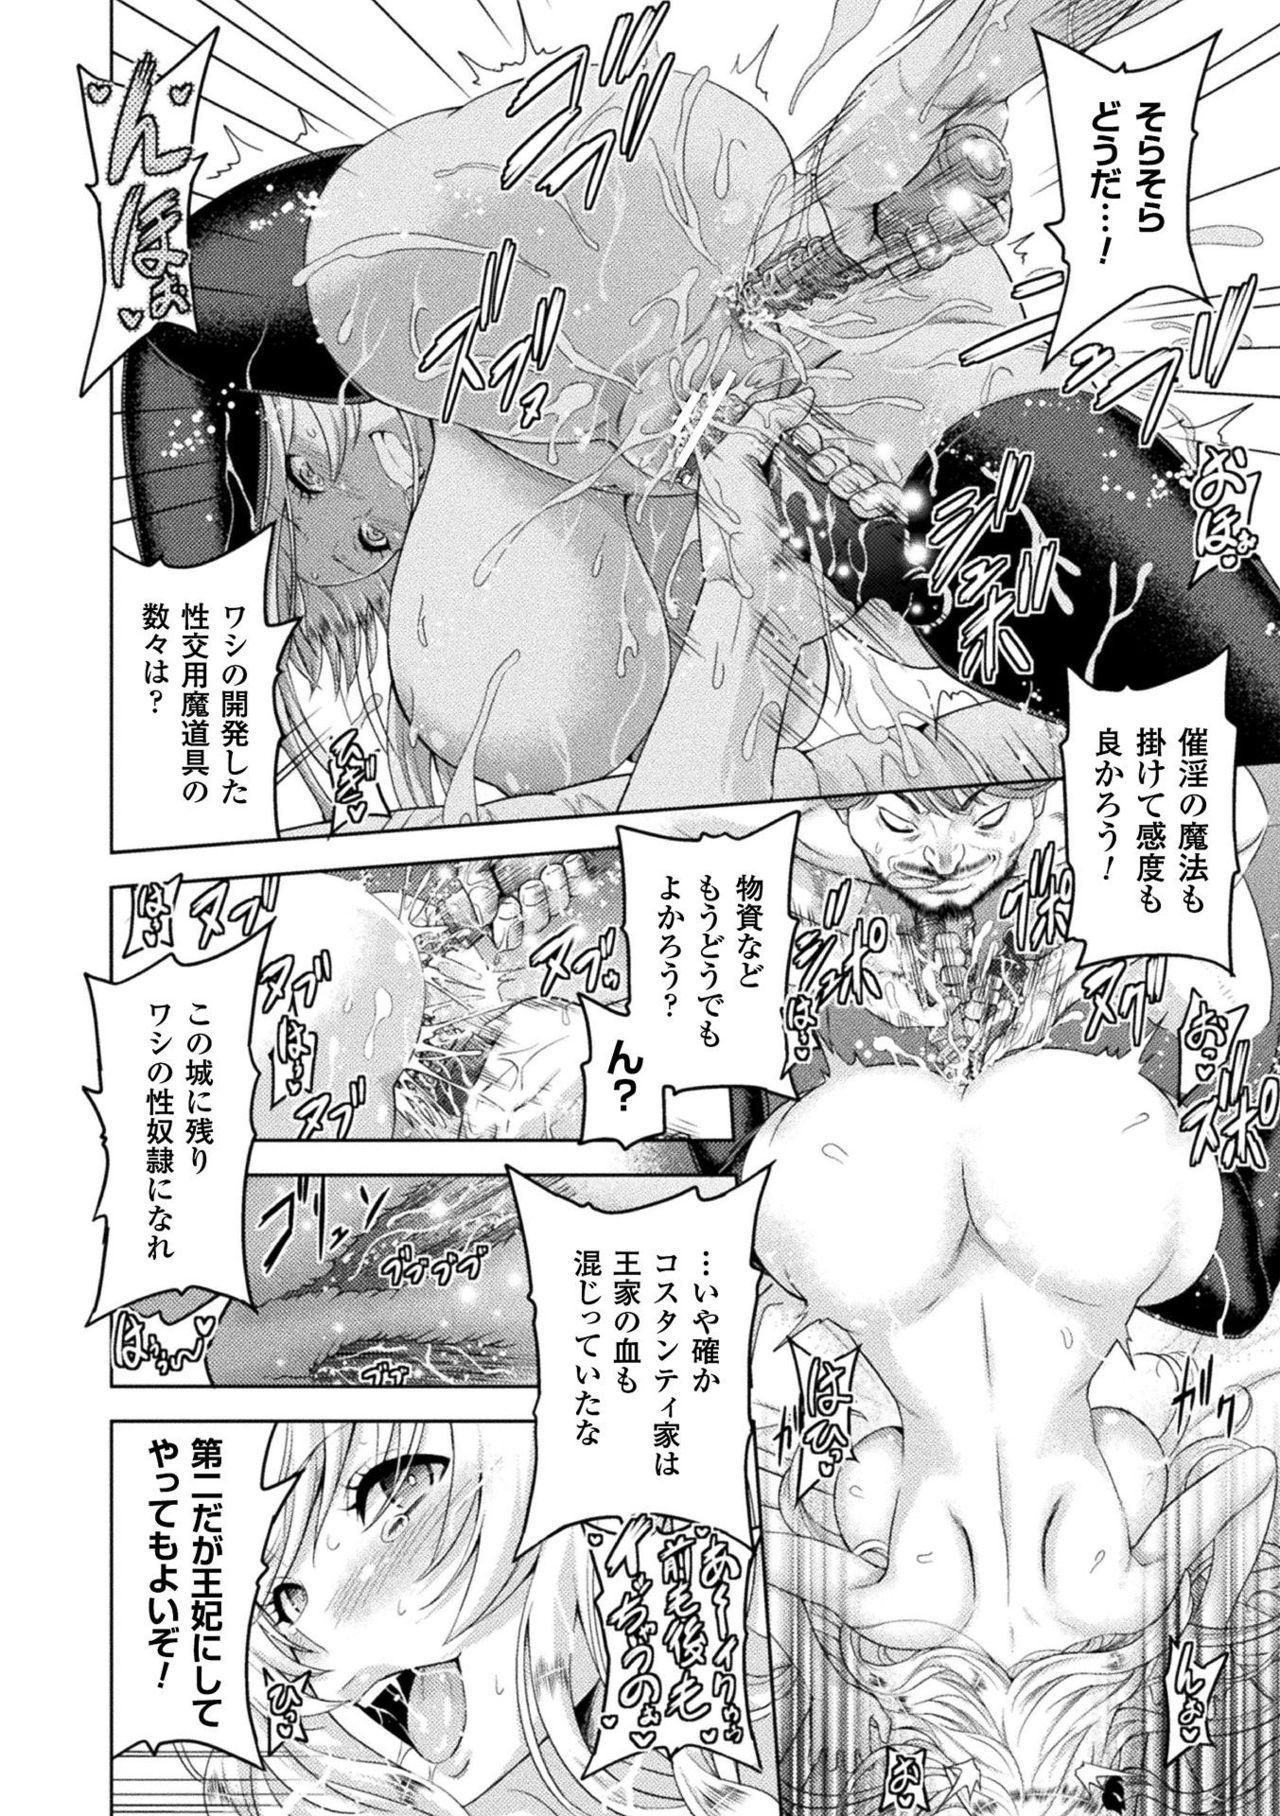 ERONA Orc no Inmon ni Okasareta Onna Kishi no Matsuro 89